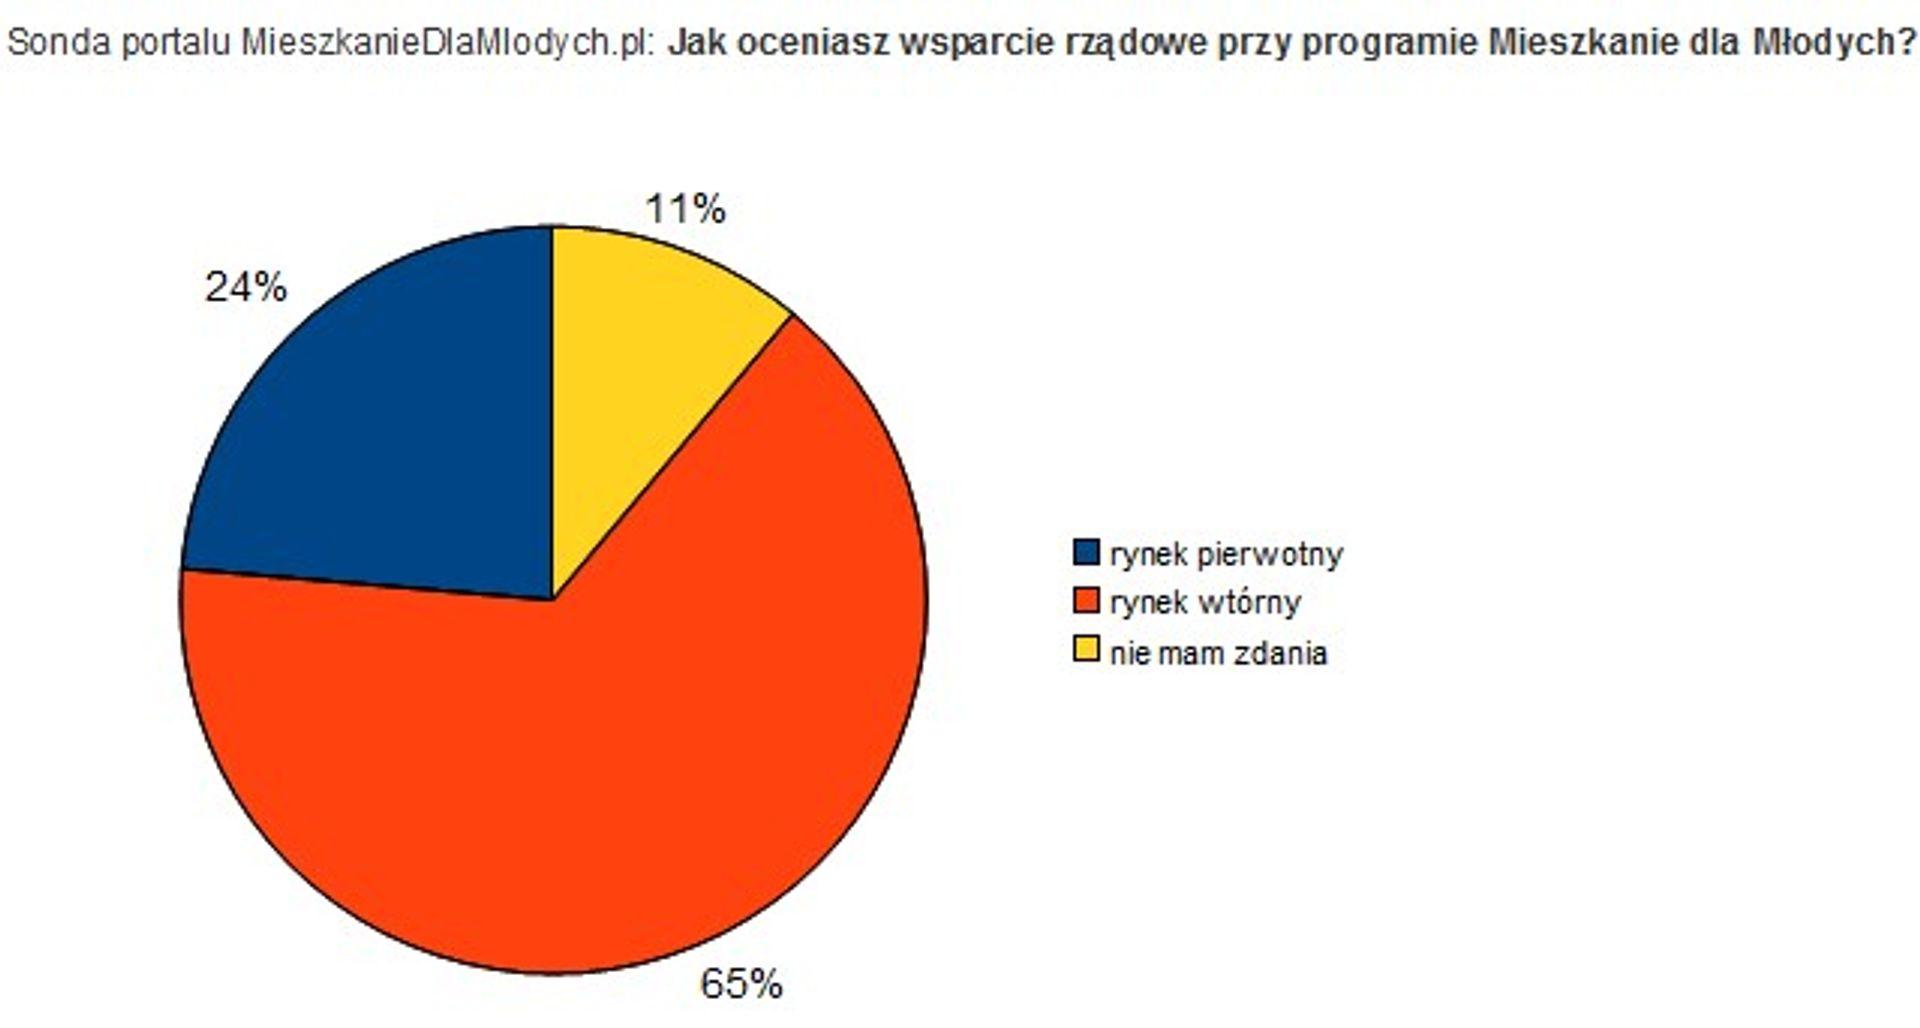 [Polska] Młodzi w programie MdM chcą mieszkań z rynku wtórnego